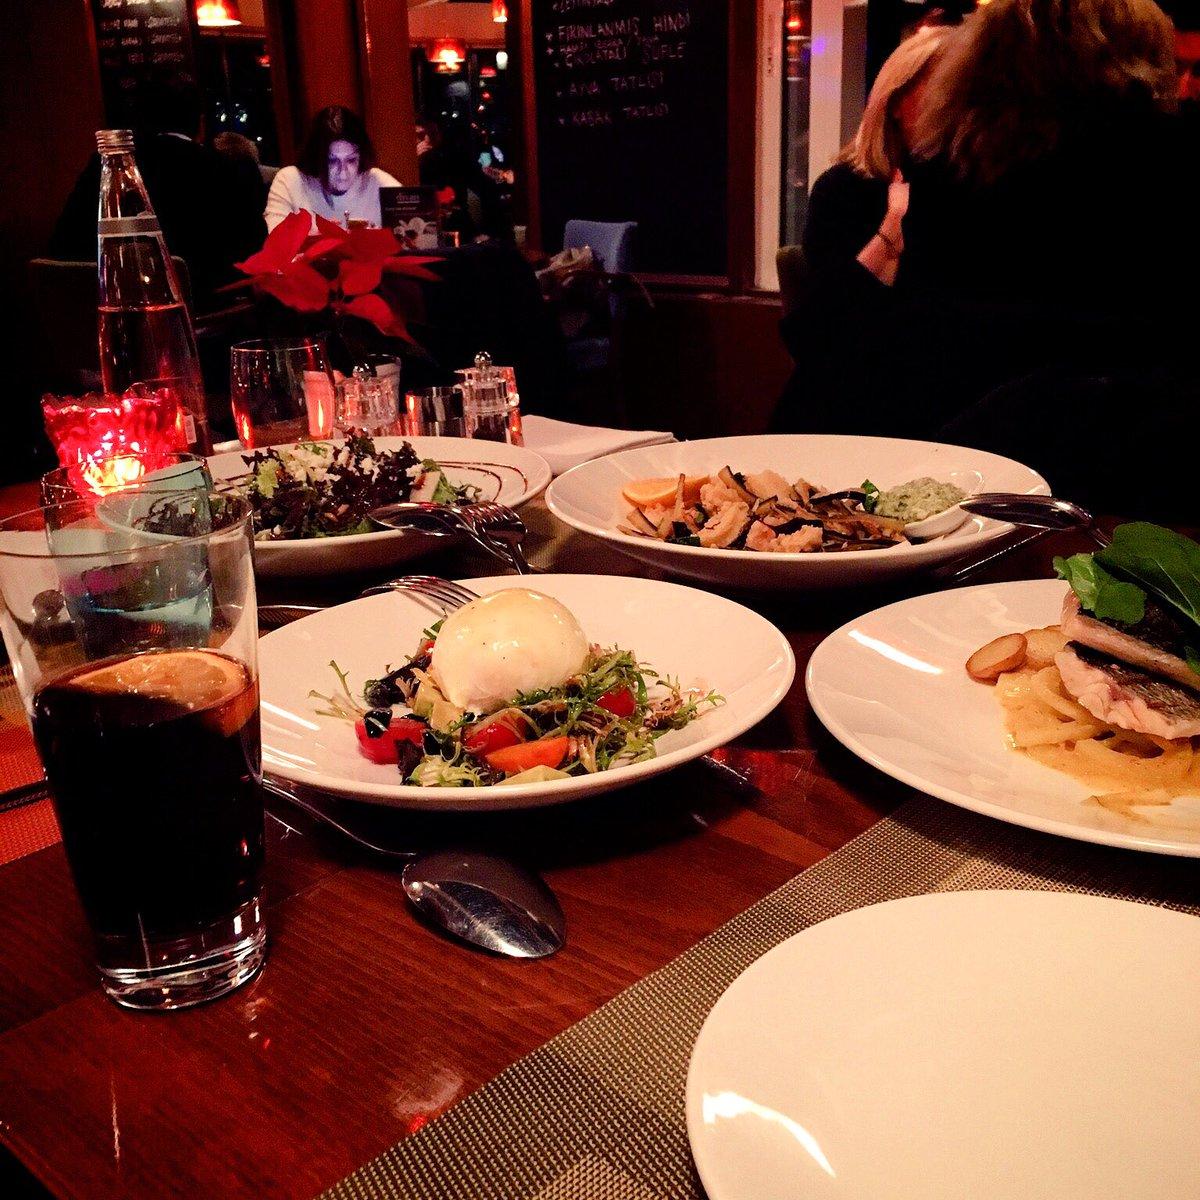 بالصور عشاء فخم , اروع و اجدد صور للعشاء الفخم الرومانسى 607 2